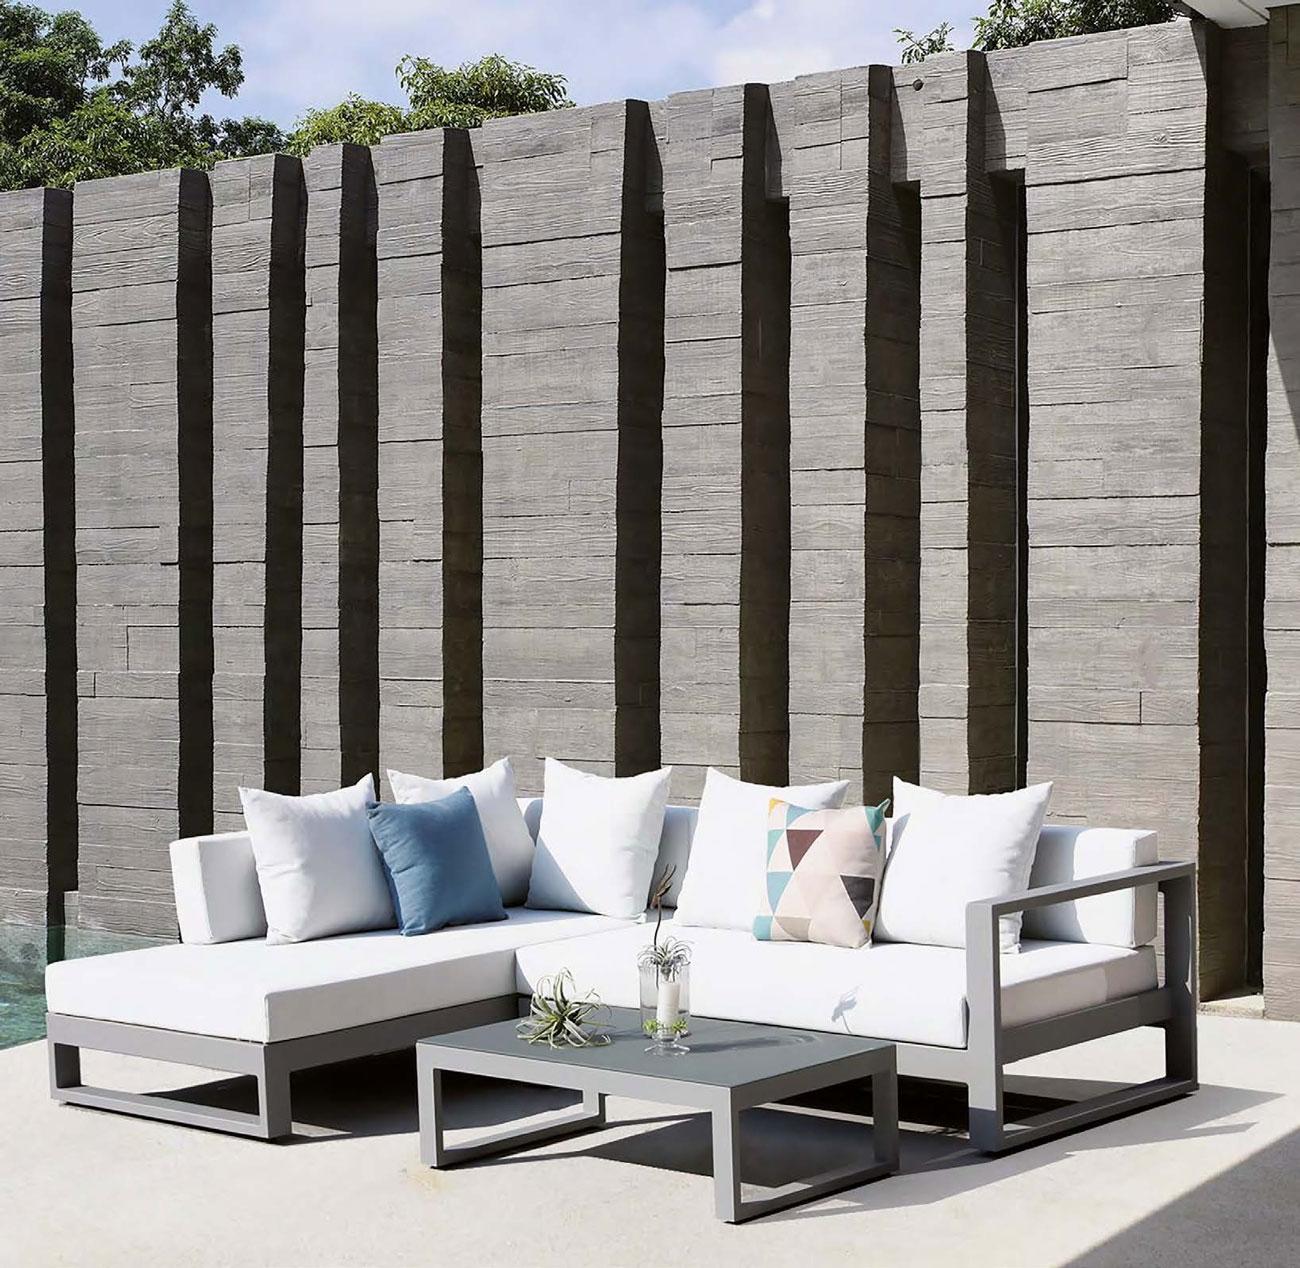 SET SOFA DE EXTERIOR CASCAIS - Set para terraza o jardín modelo CASCAIS de Majestic Garden